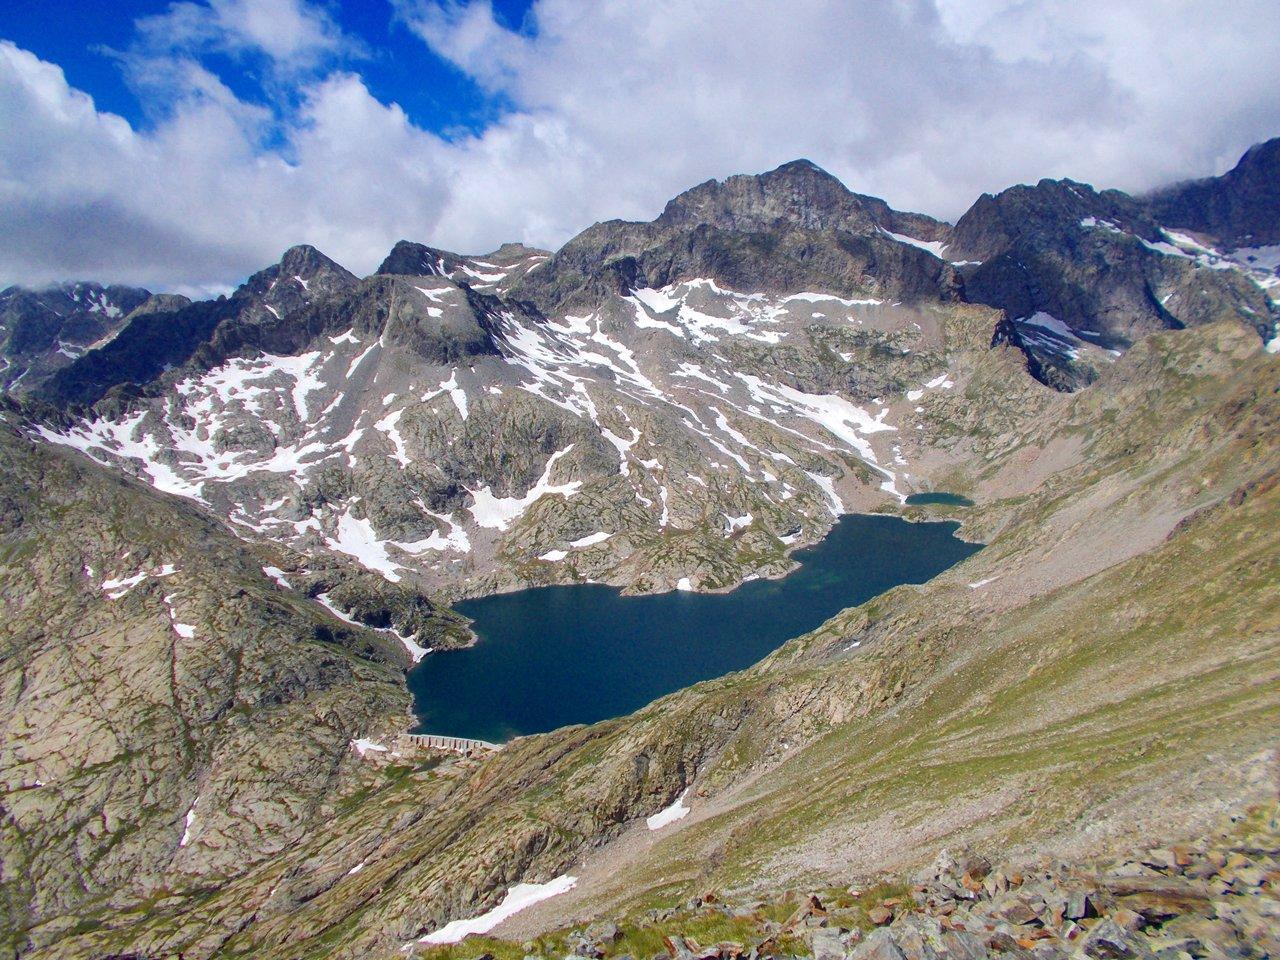 Lago dell'Agnel